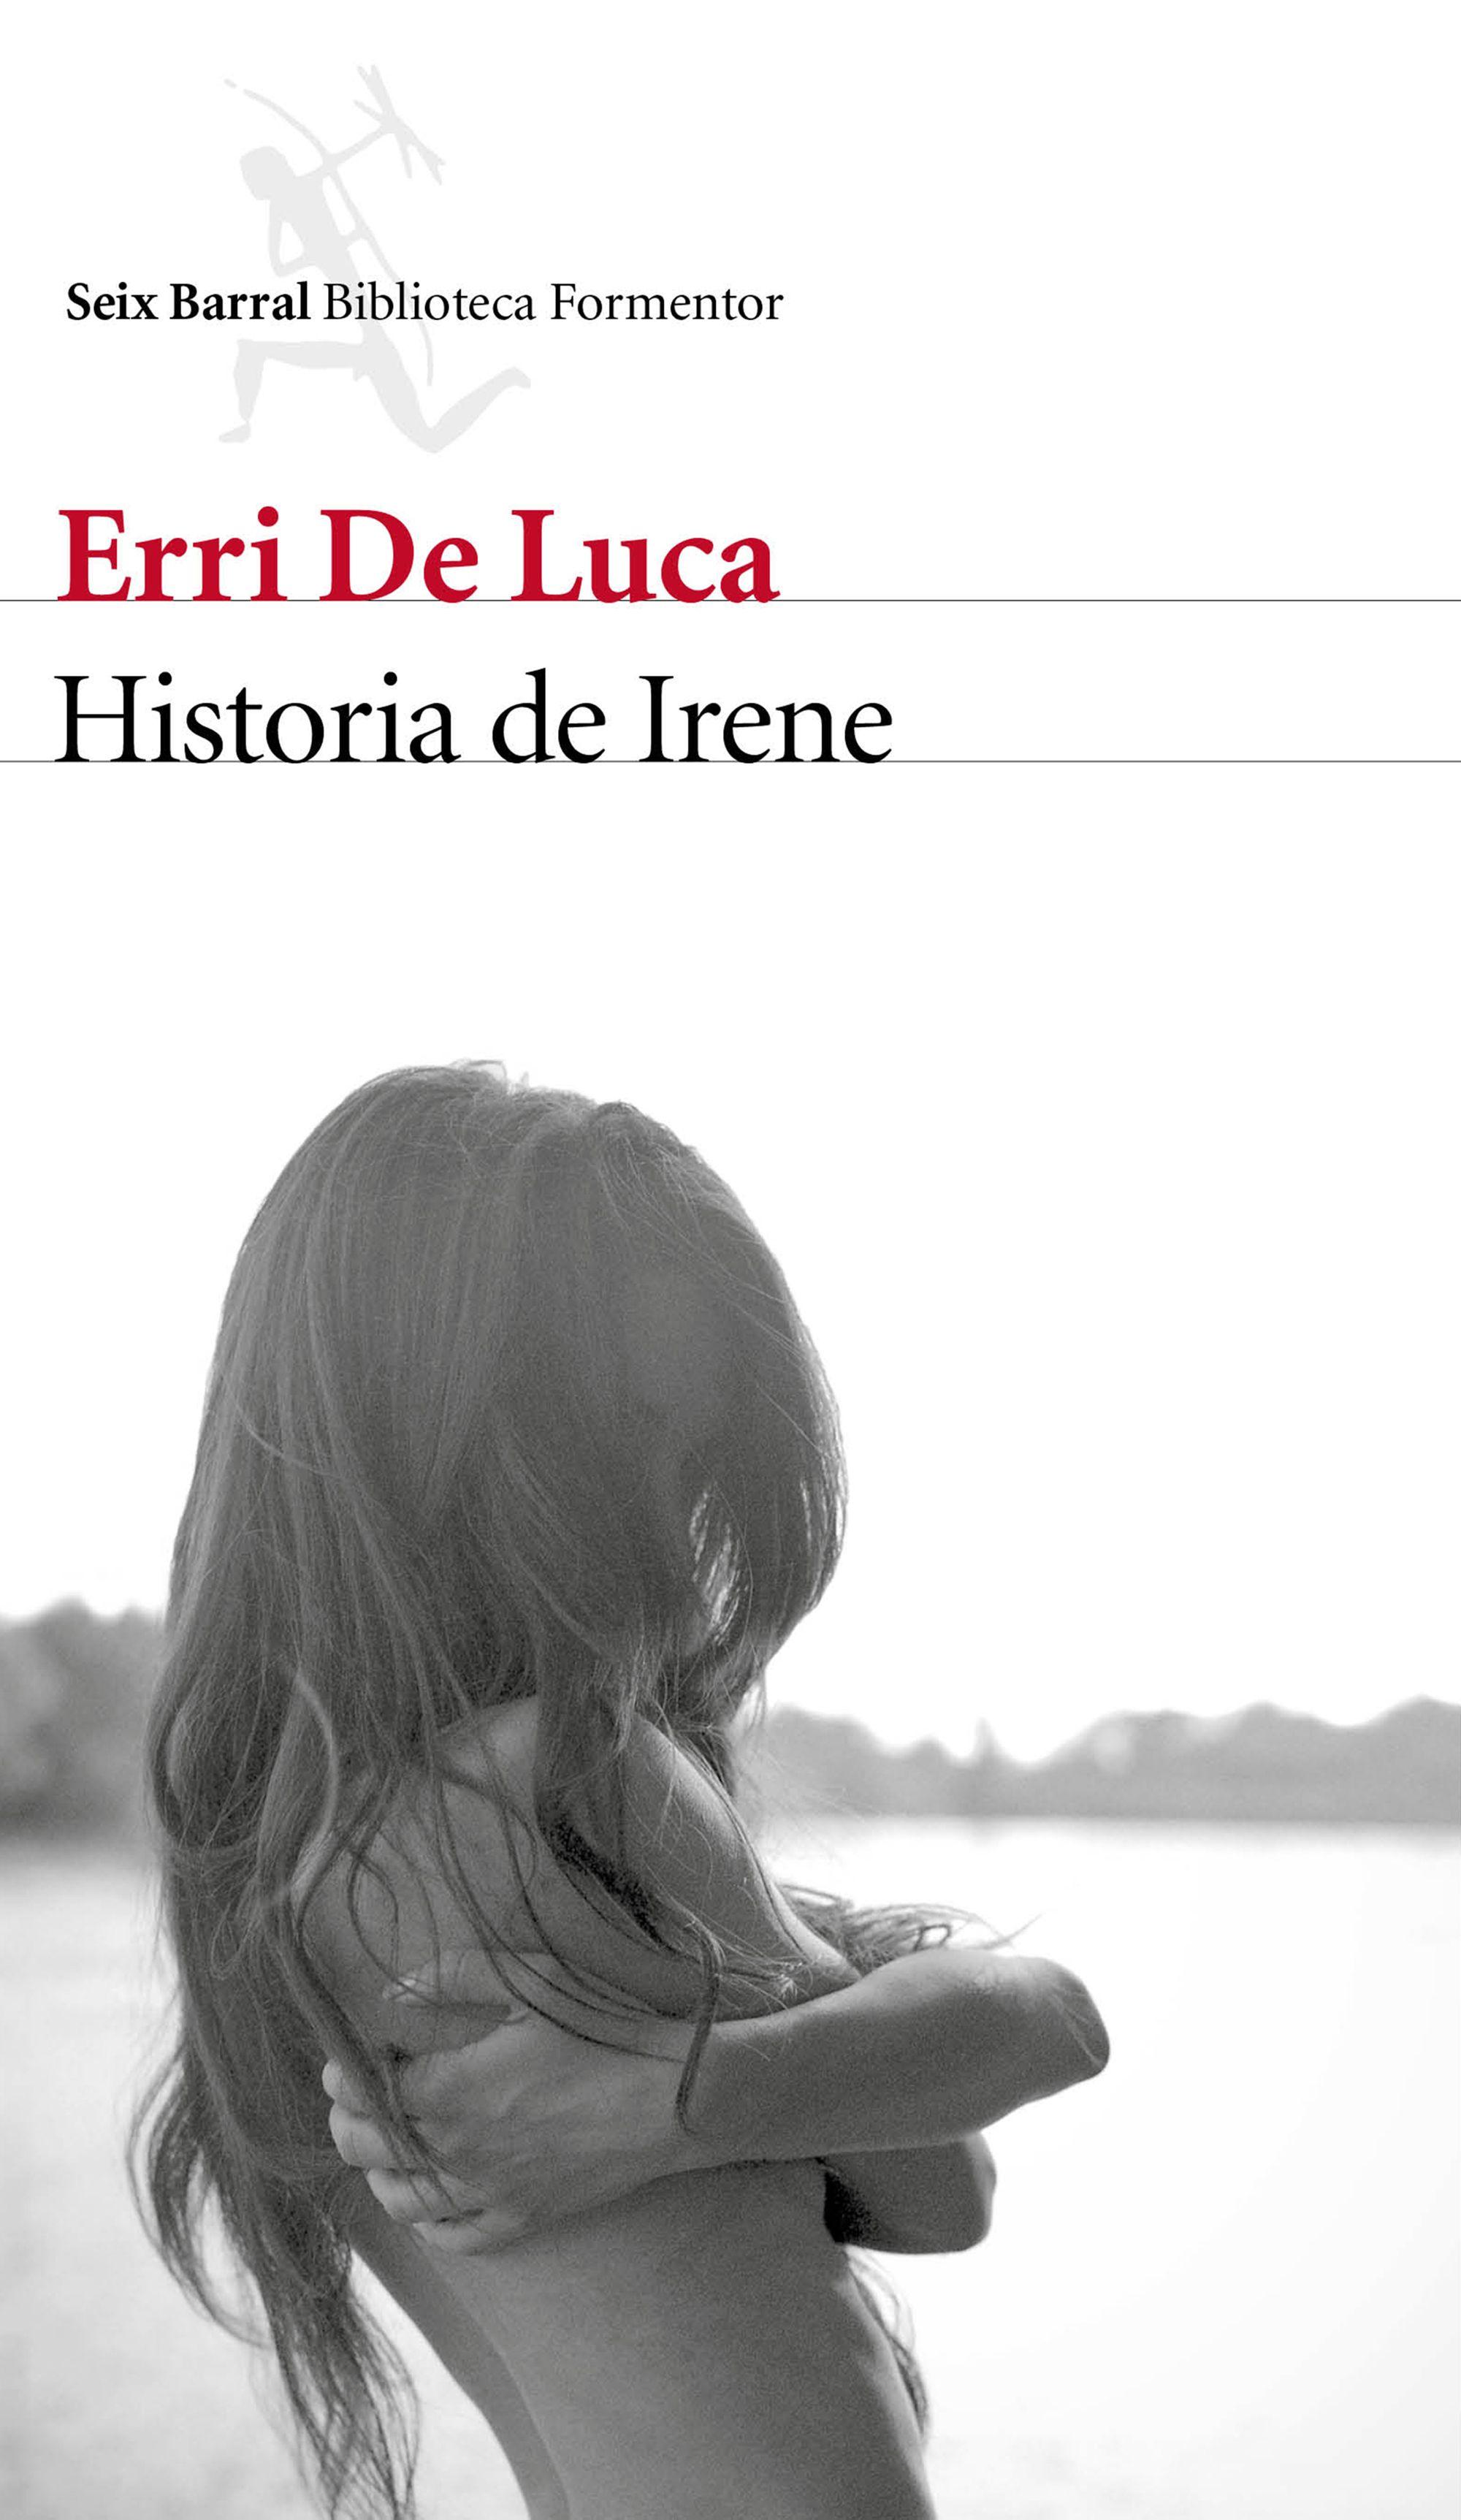 Erri De luca | Historia de Irene